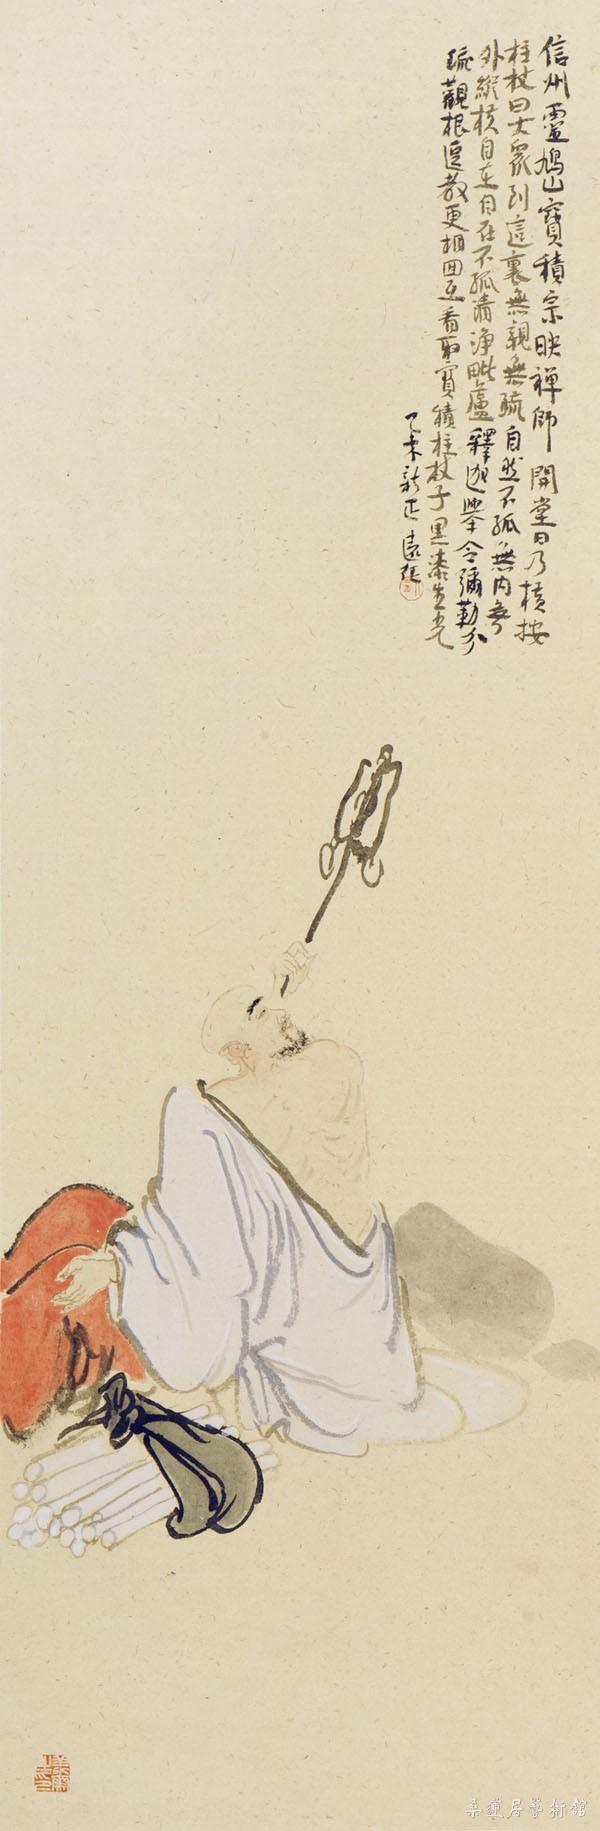 w305-4 罗汉四屏 105×35cm×4 缩图 副本